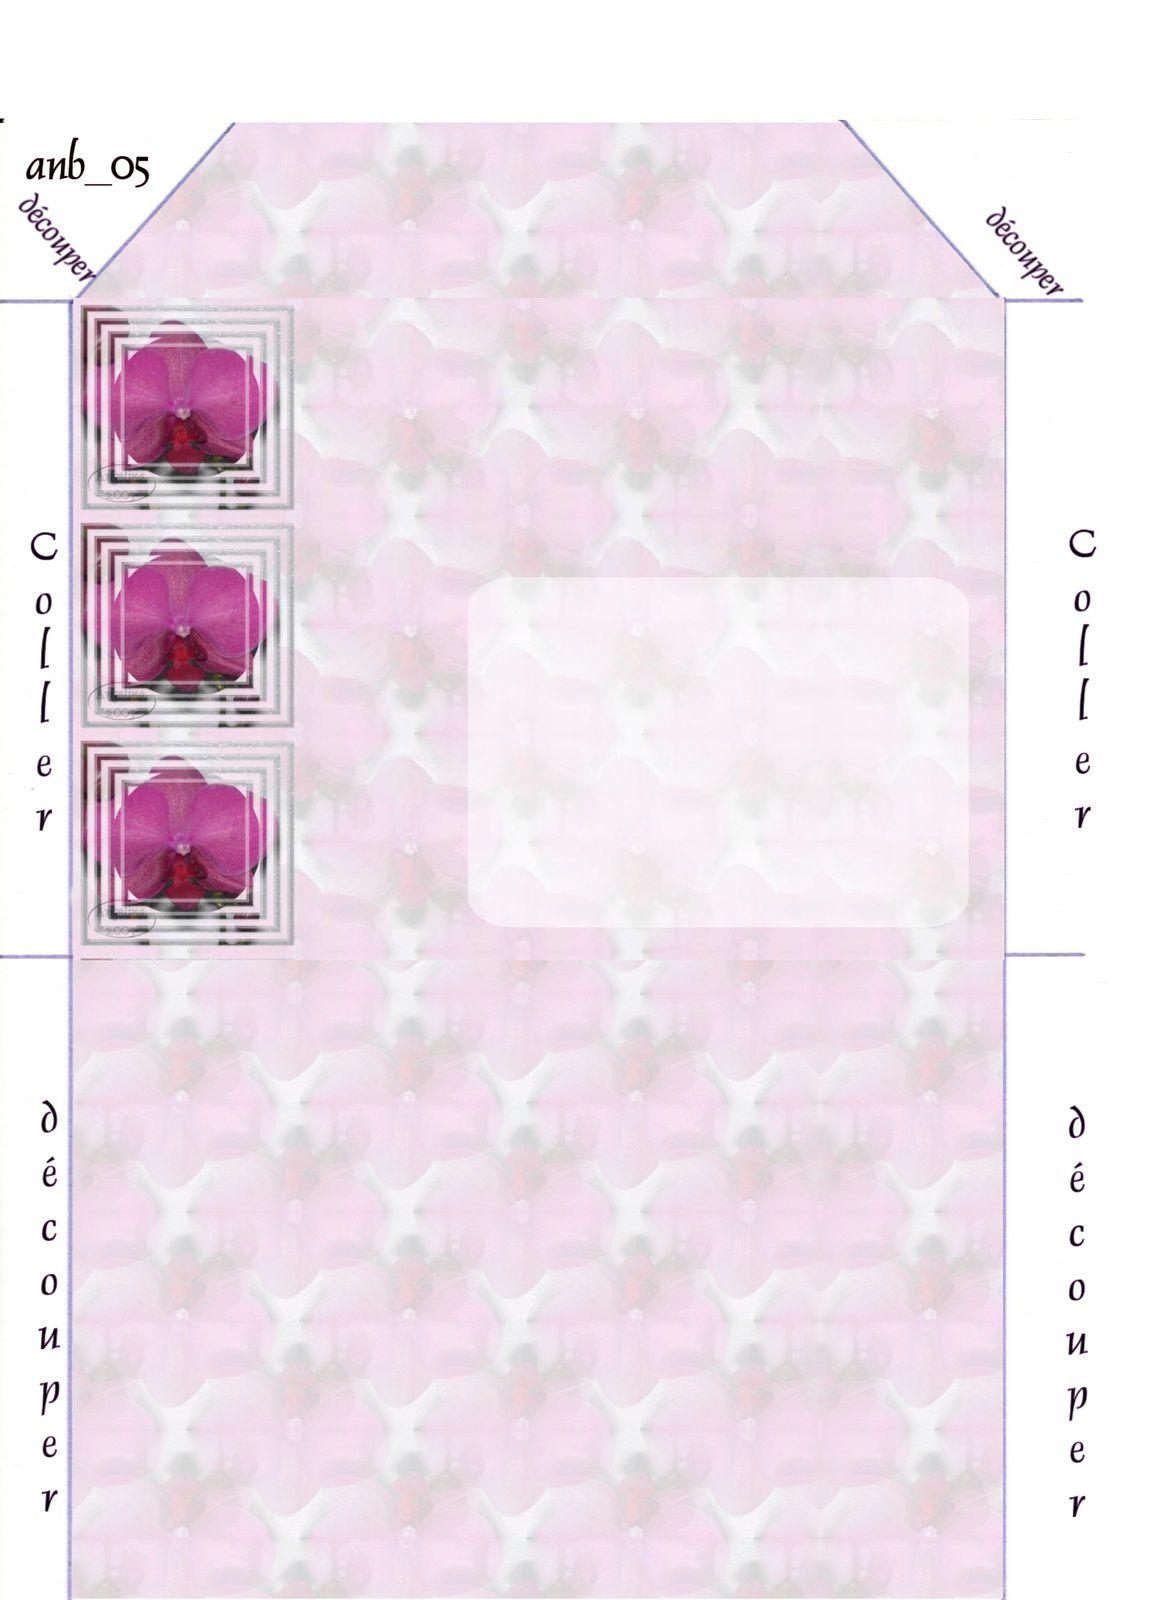 Orchidée Phalaenopsis Incredimail &amp&#x3B; Papier A4 h l &amp&#x3B; outlook &amp&#x3B; enveloppe &amp&#x3B; 2 cartes A5 &amp&#x3B; signets 3 langues &amp&#x3B; enveloppe &amp&#x3B; 2 cartes A5 &amp&#x3B; signets 3 langues  436e528d4d43e